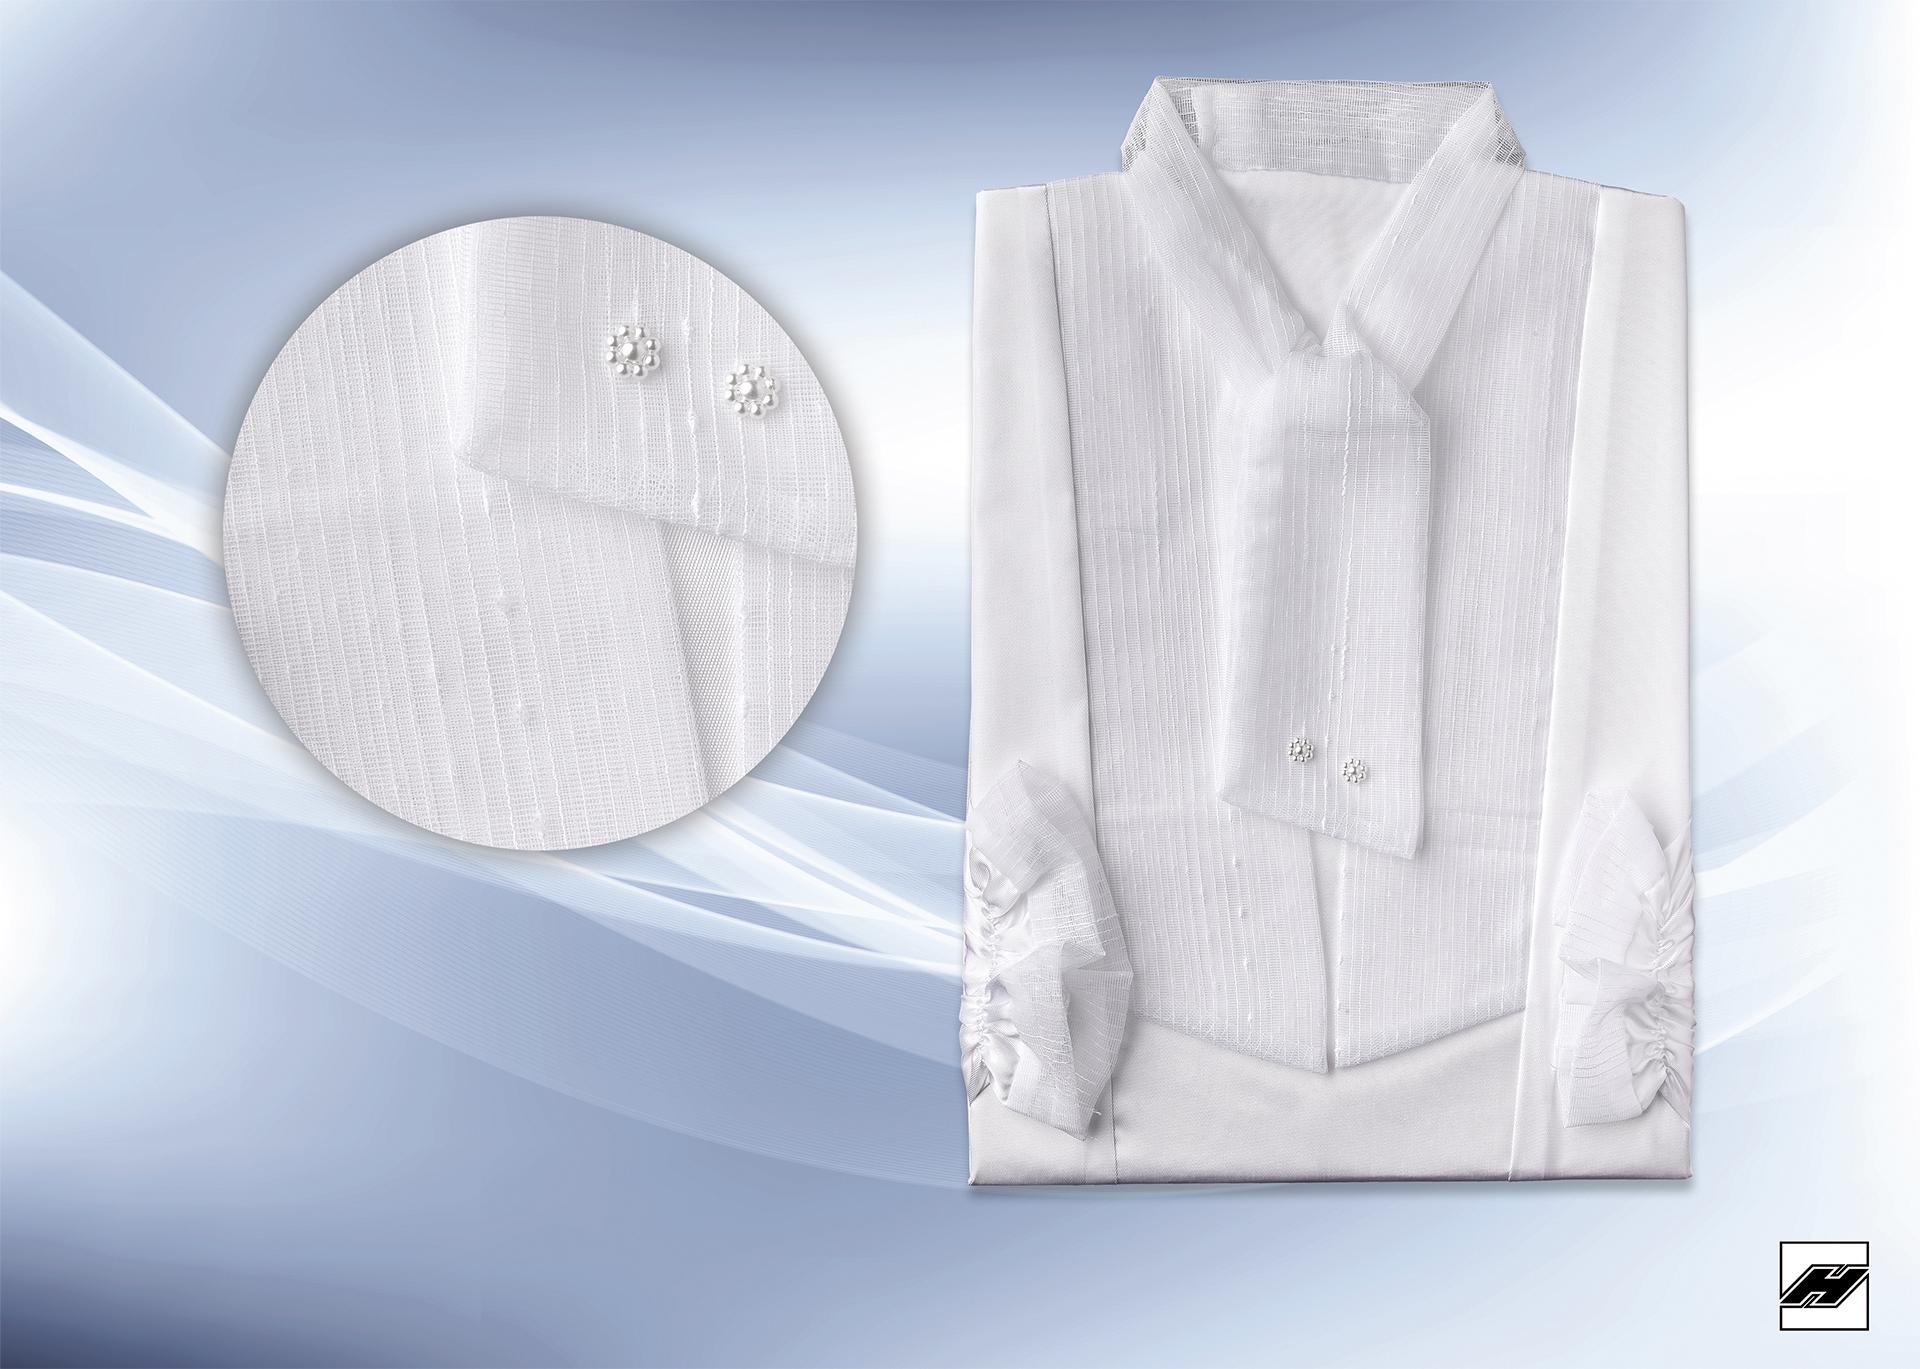 Damenkleid 2537 KS weiß, Schalkragen und Besatz aus Gardinenware